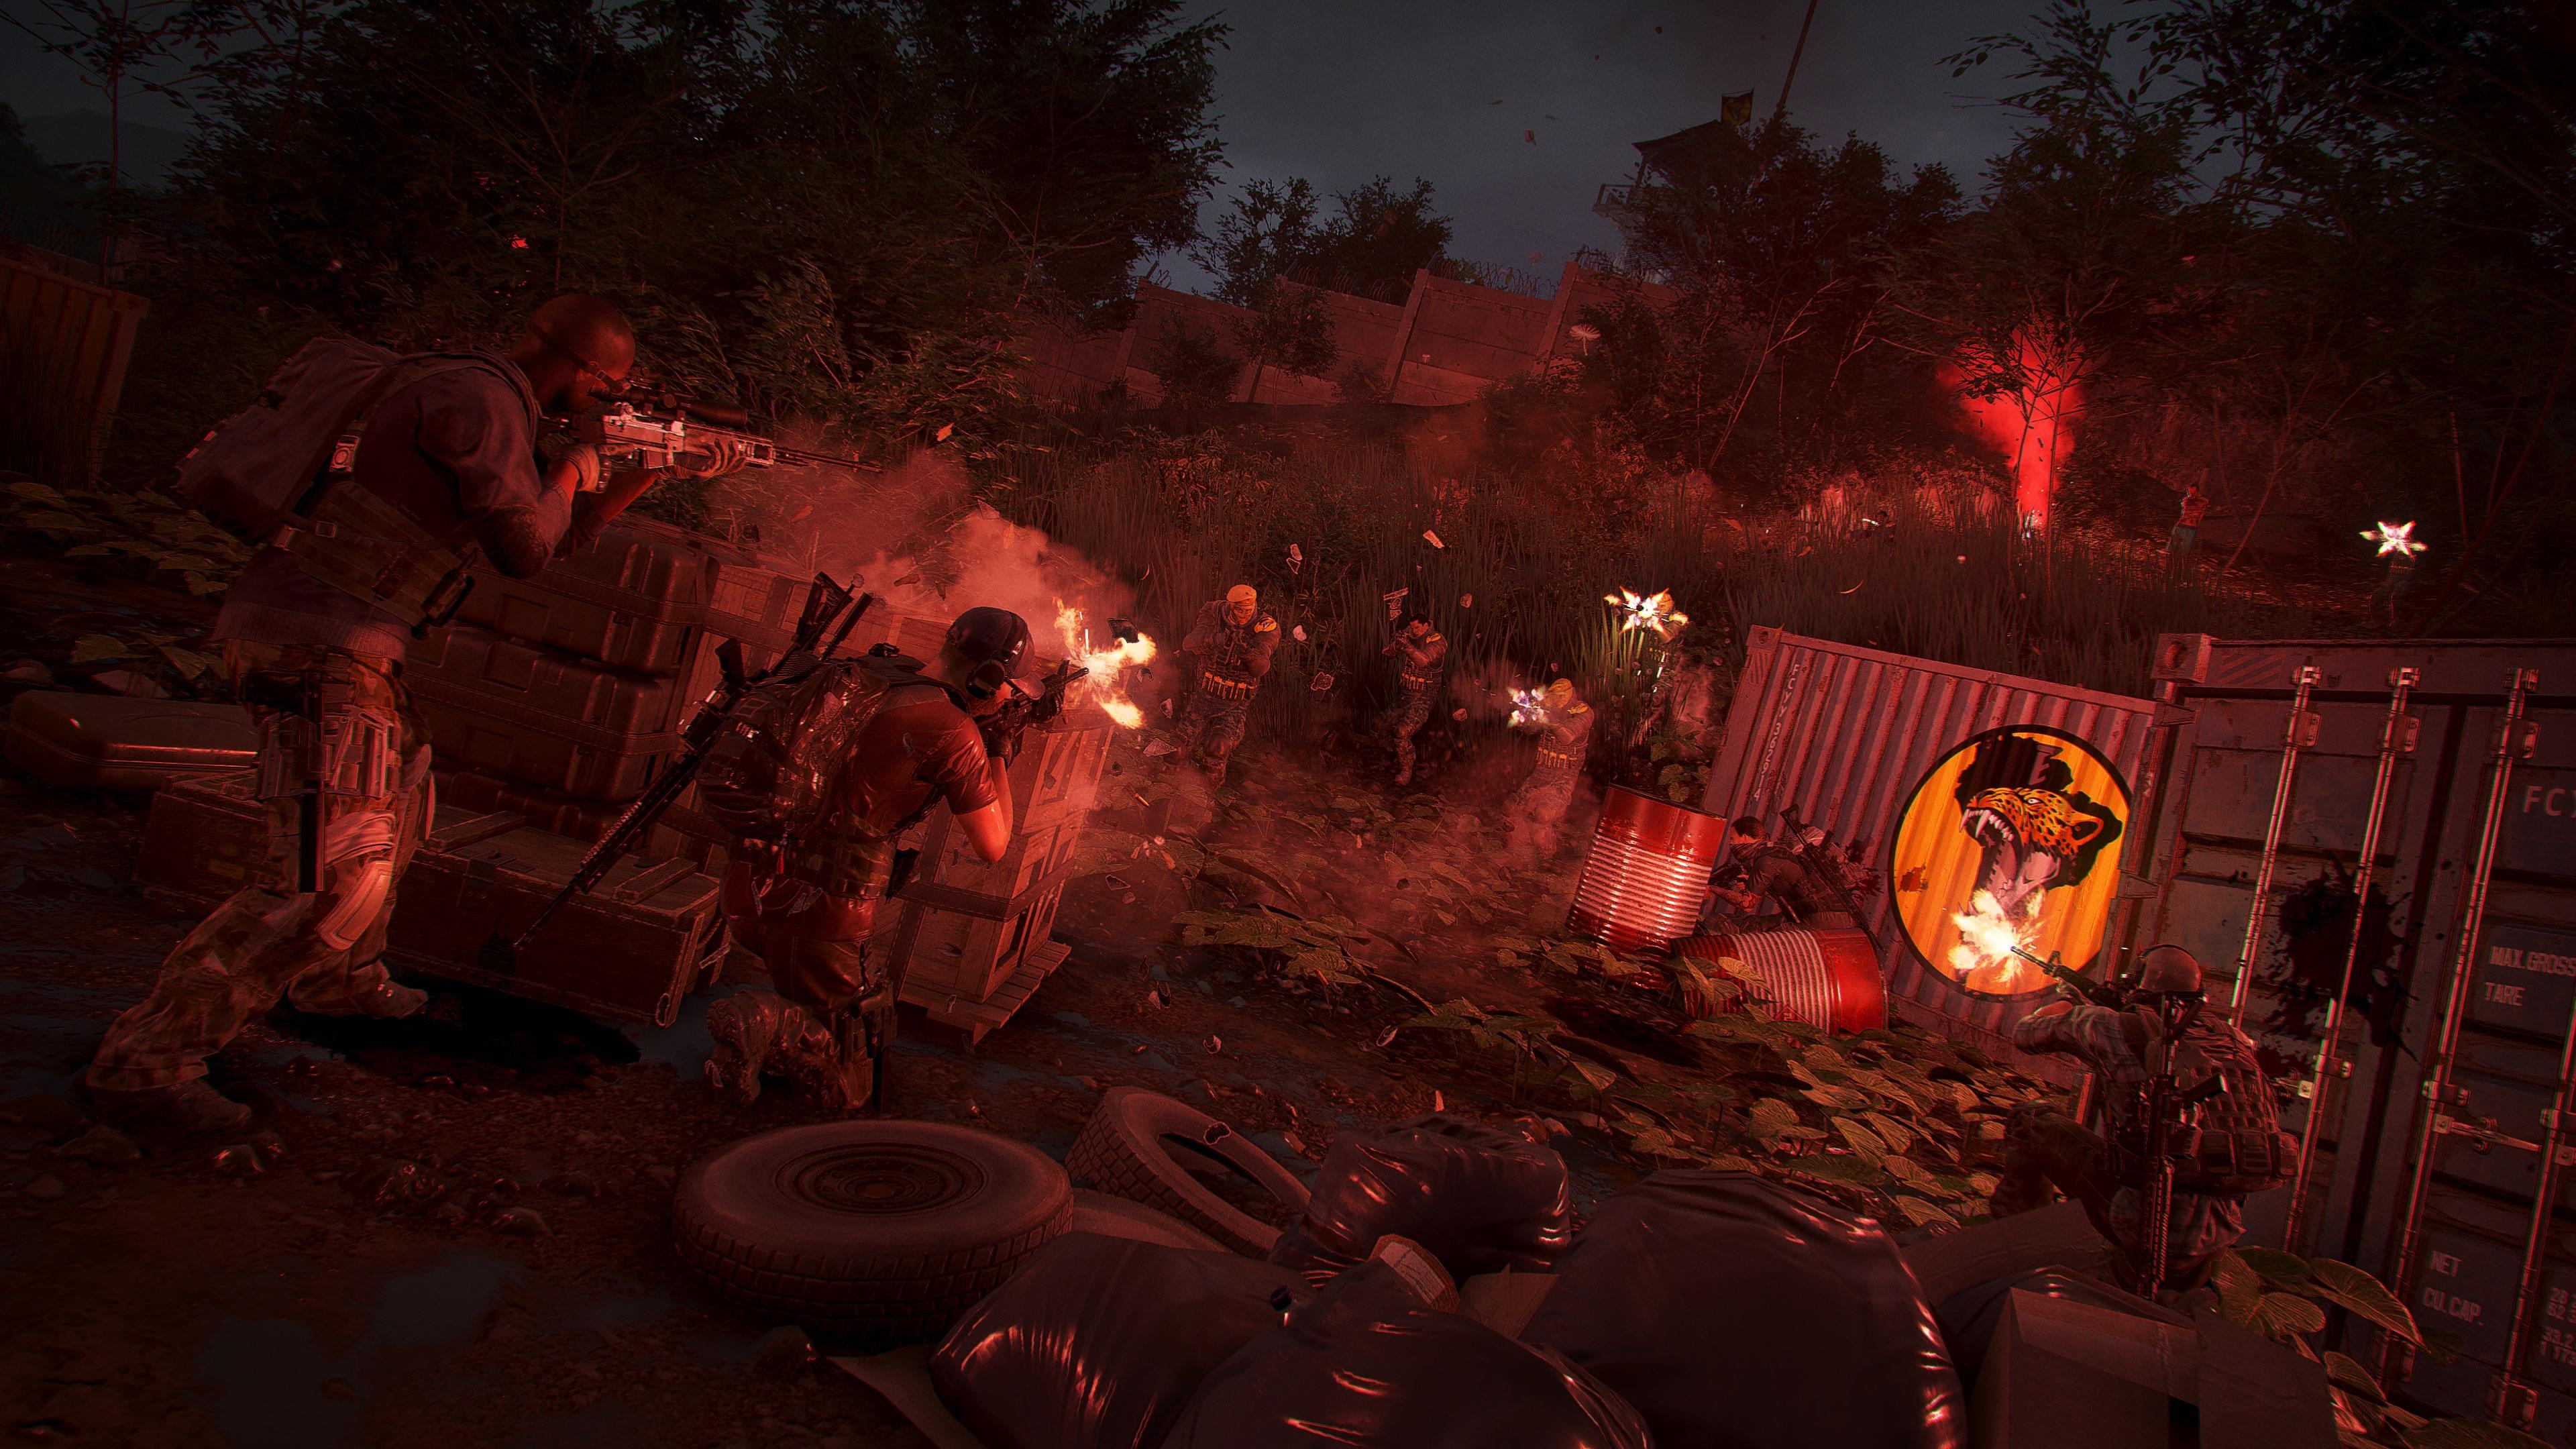 Fallen Ghosts: Release-Termin des nächsten DLCs für Ghost Recon: Wildlands bestätigt